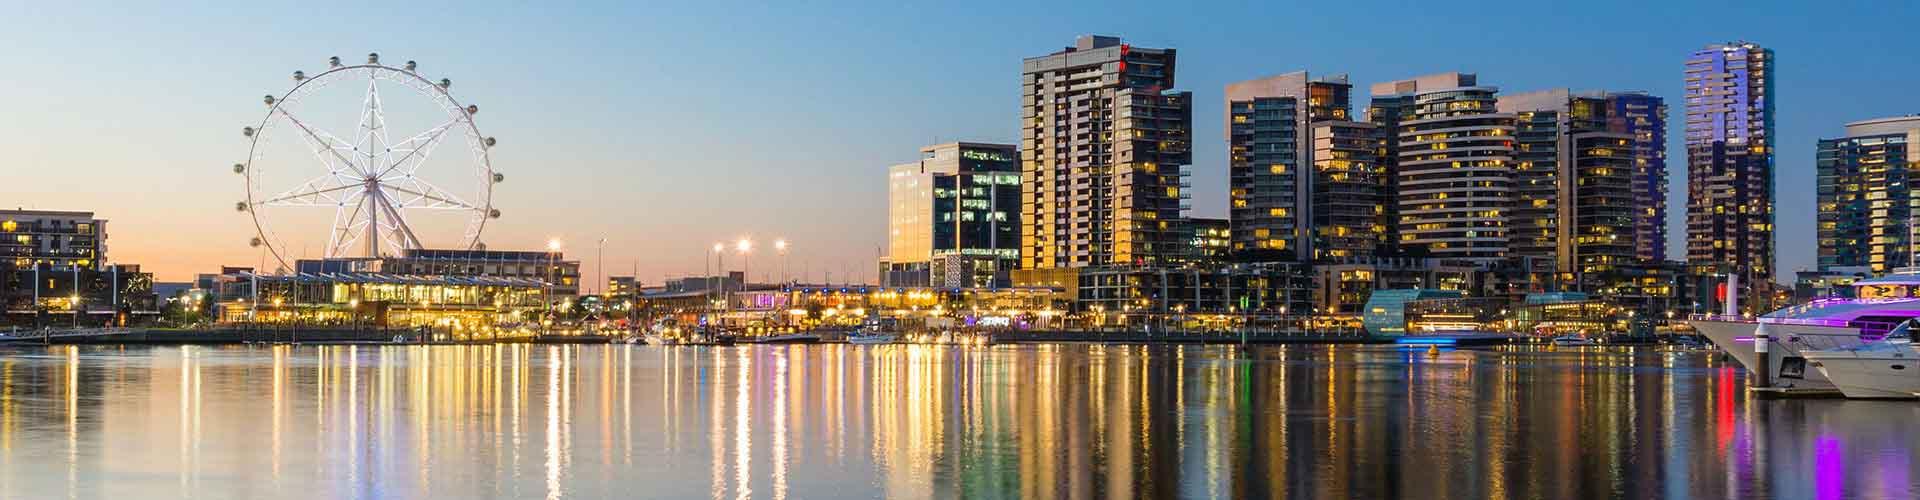 Melbourne - Hostele w mieście: Melbourne, Mapy: Melbourne, Zdjęcia i Recenzje dla każdego hostelu w mieście Melbourne.